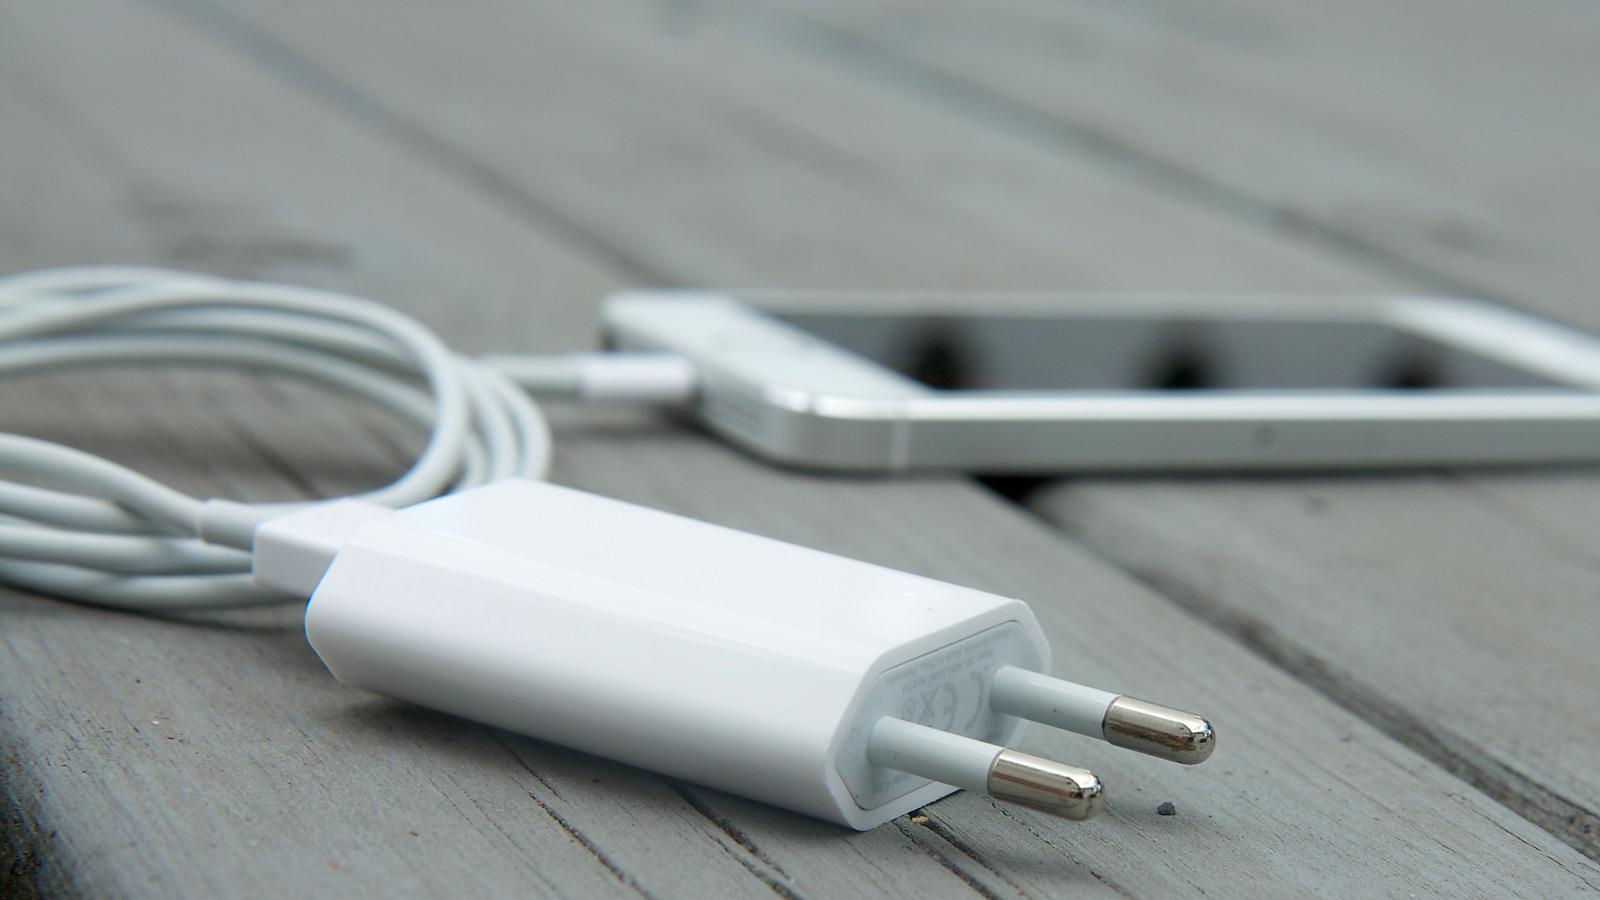 Slik får du trådløs lading til iPhone for 149 kroner